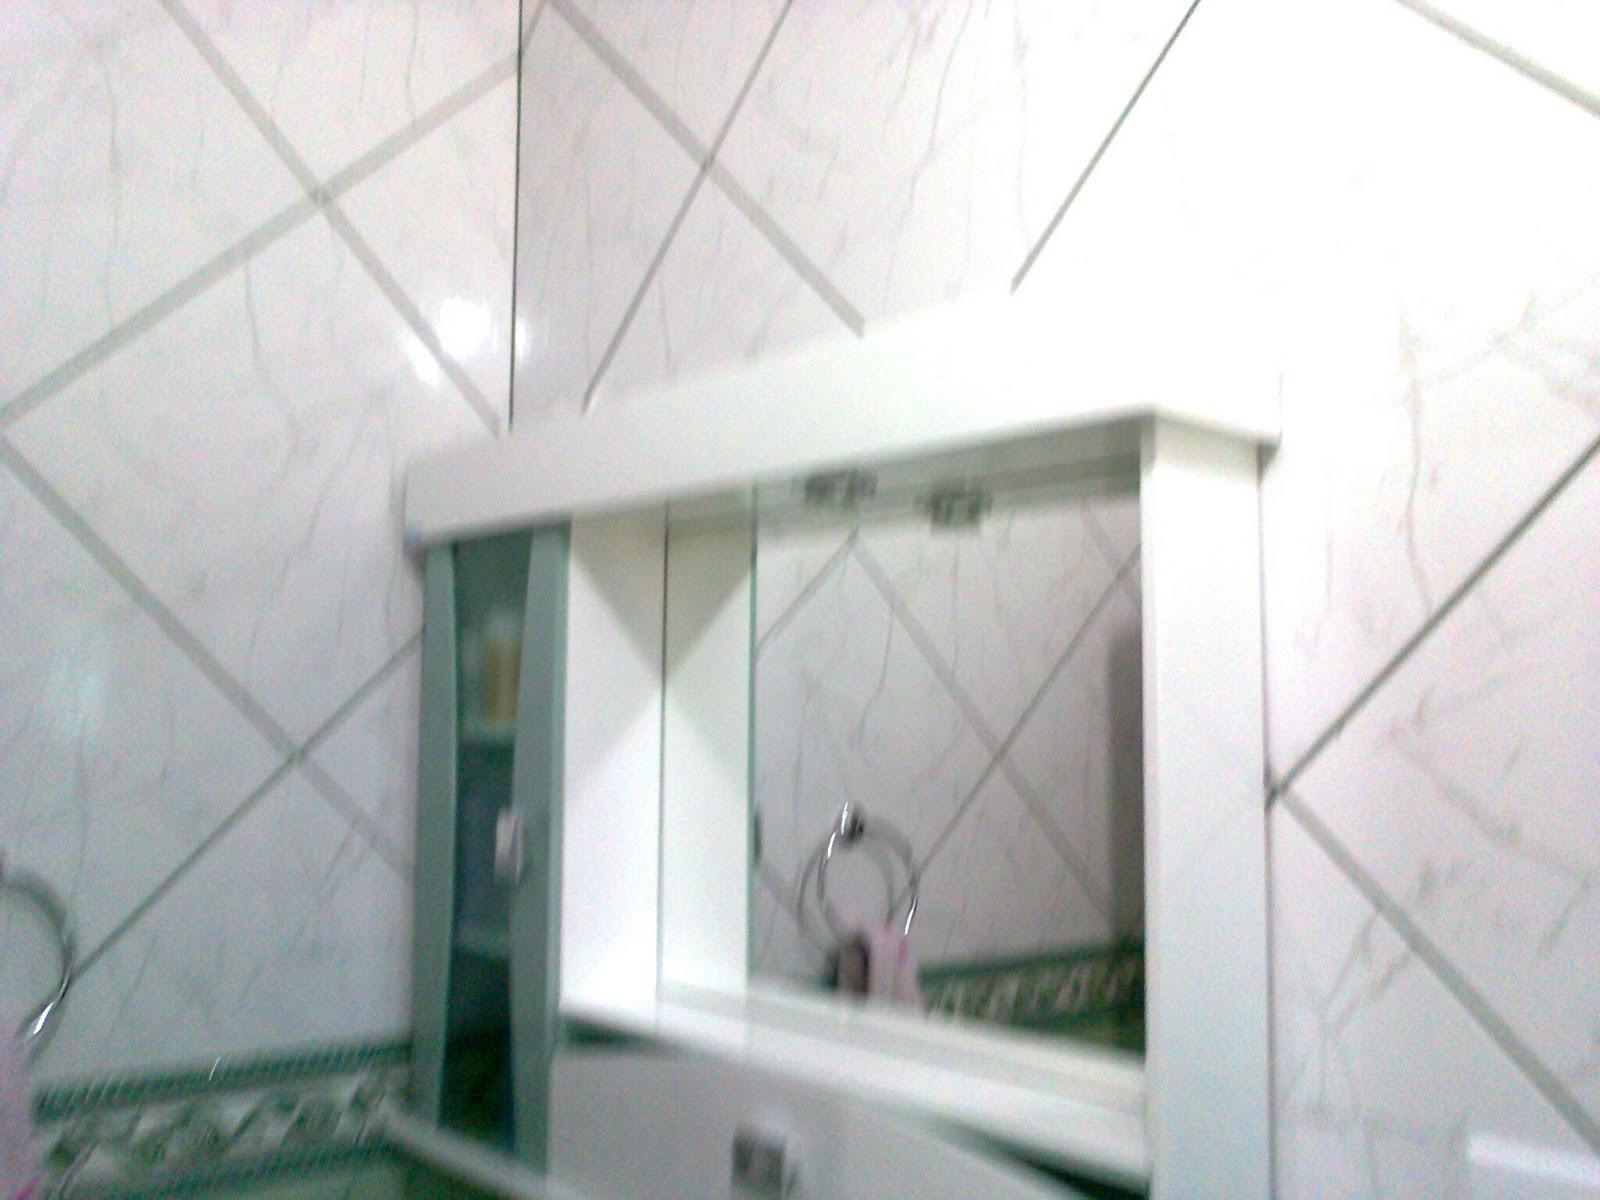 Arte Pisos & Azulejos: Banheiros #274036 1600x1200 Azulejo Banheiro Simples